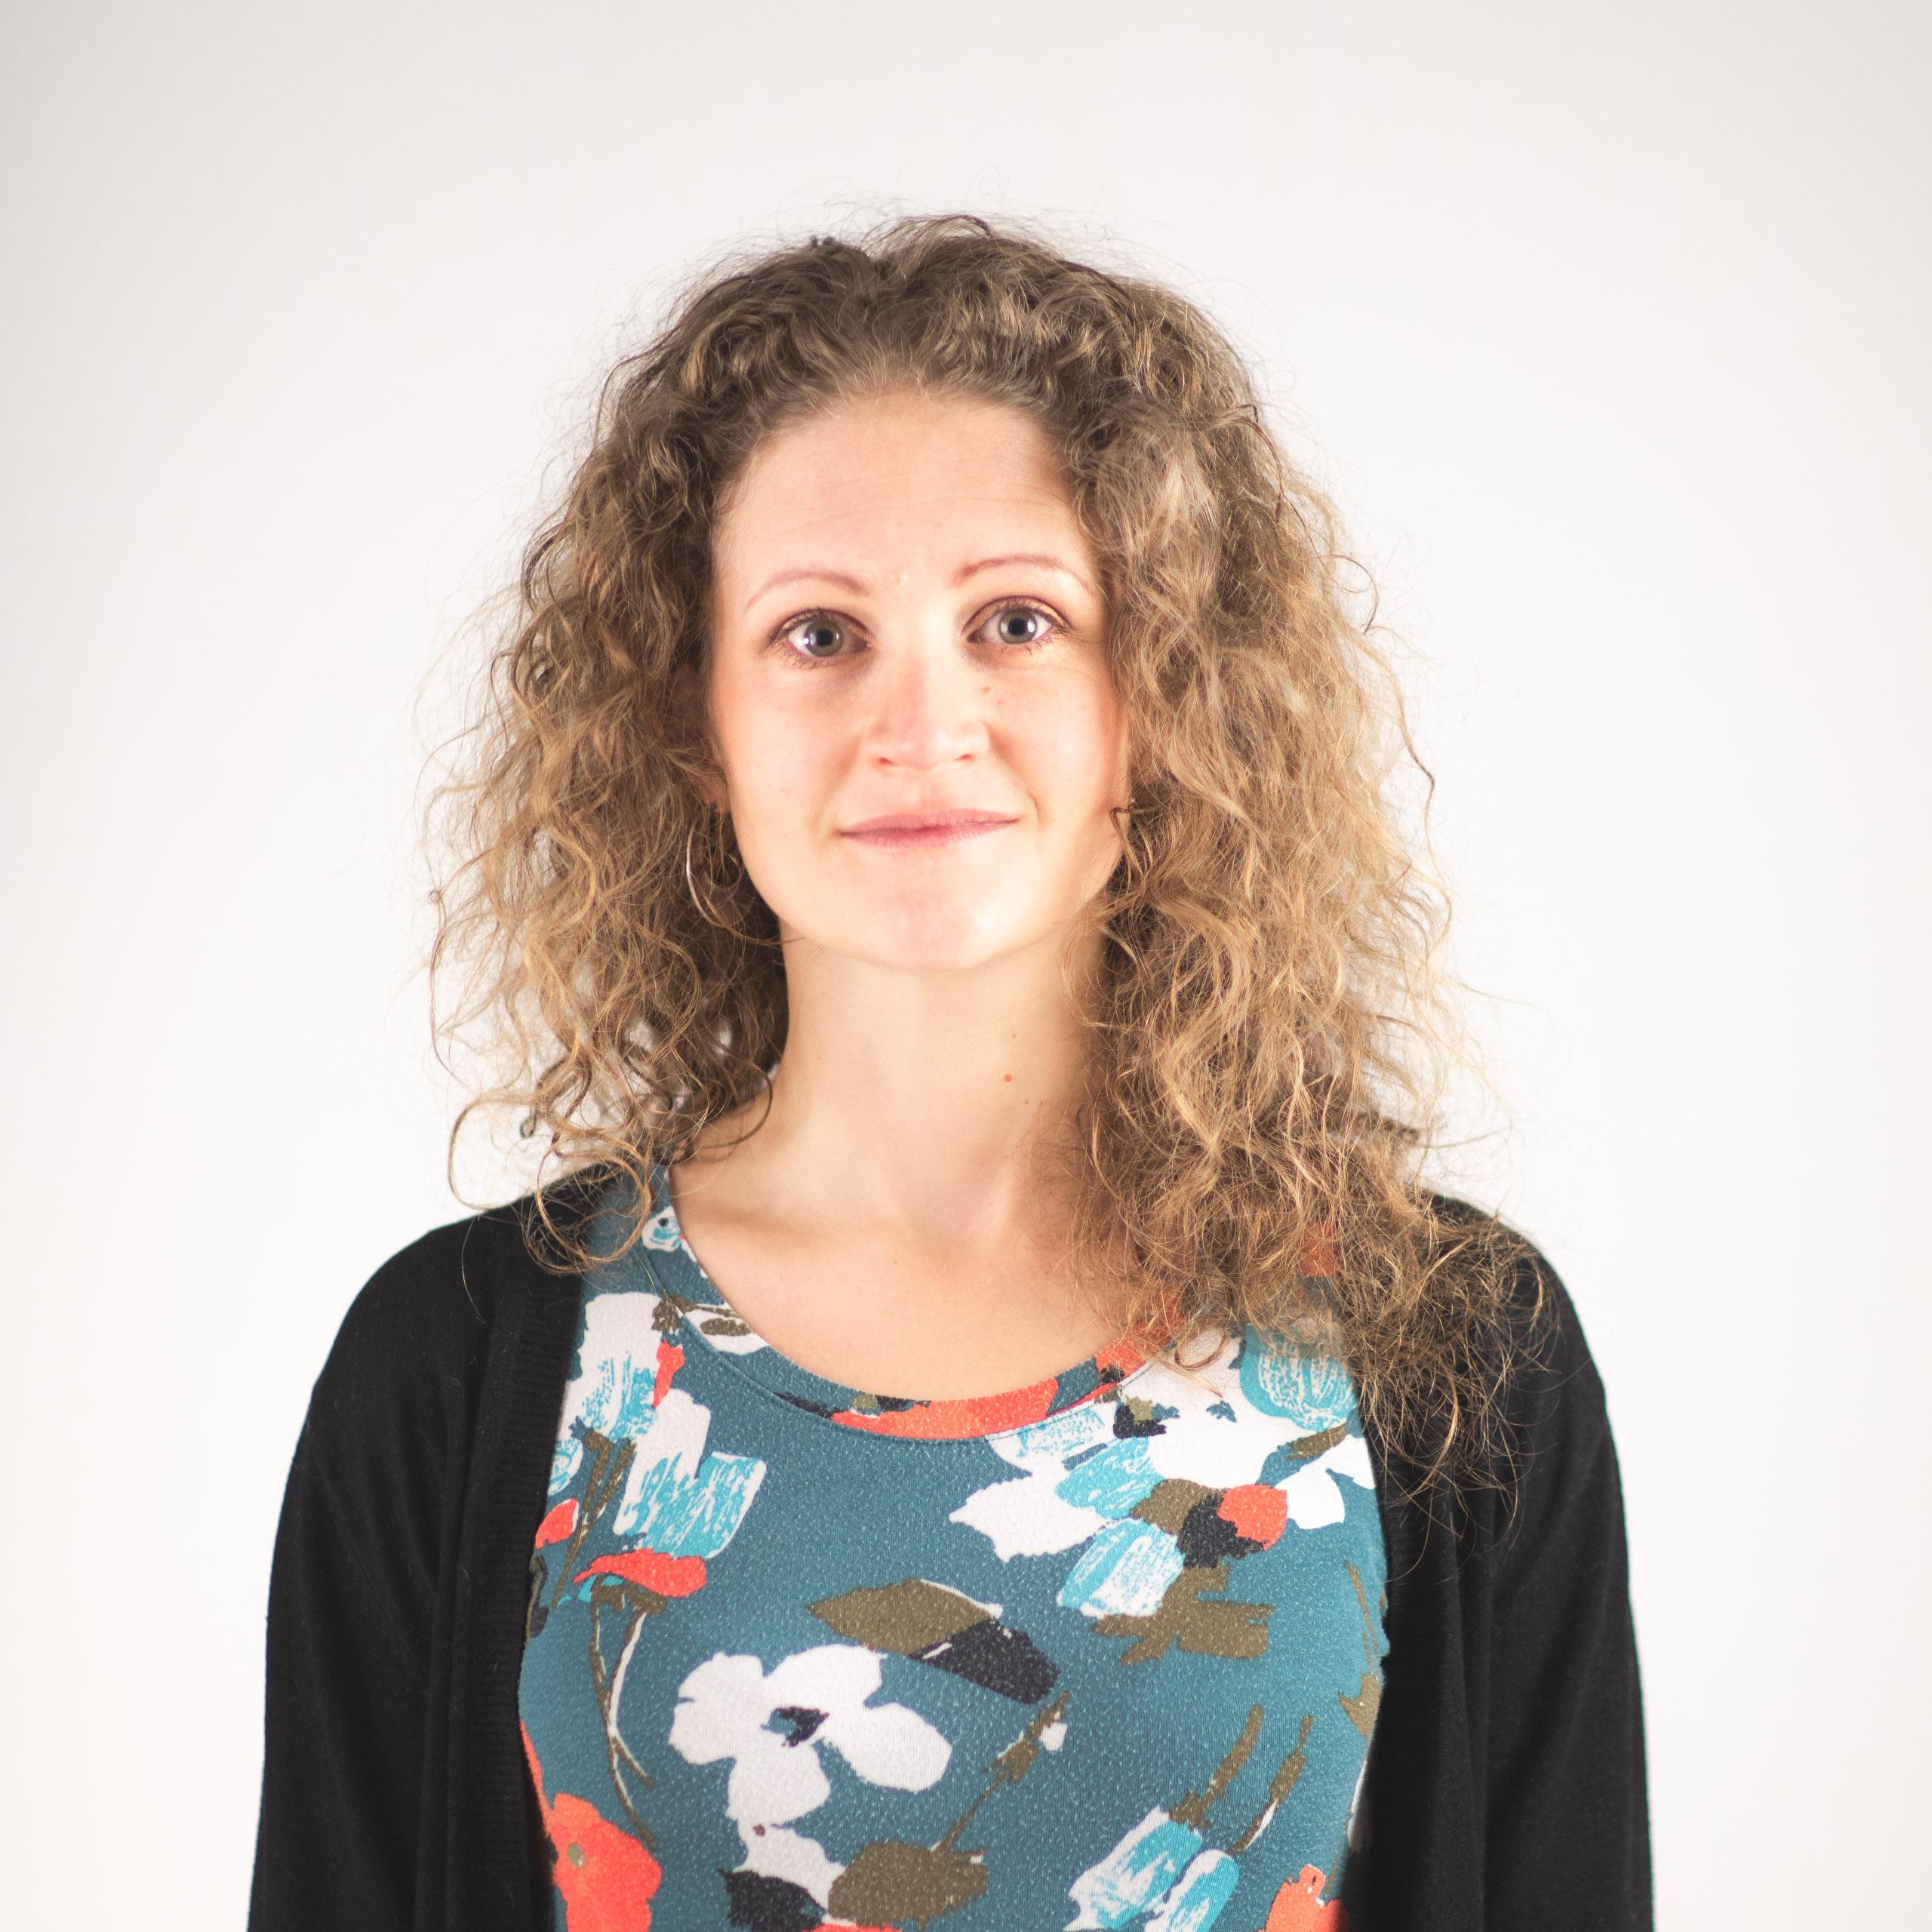 Laura Sillanpää